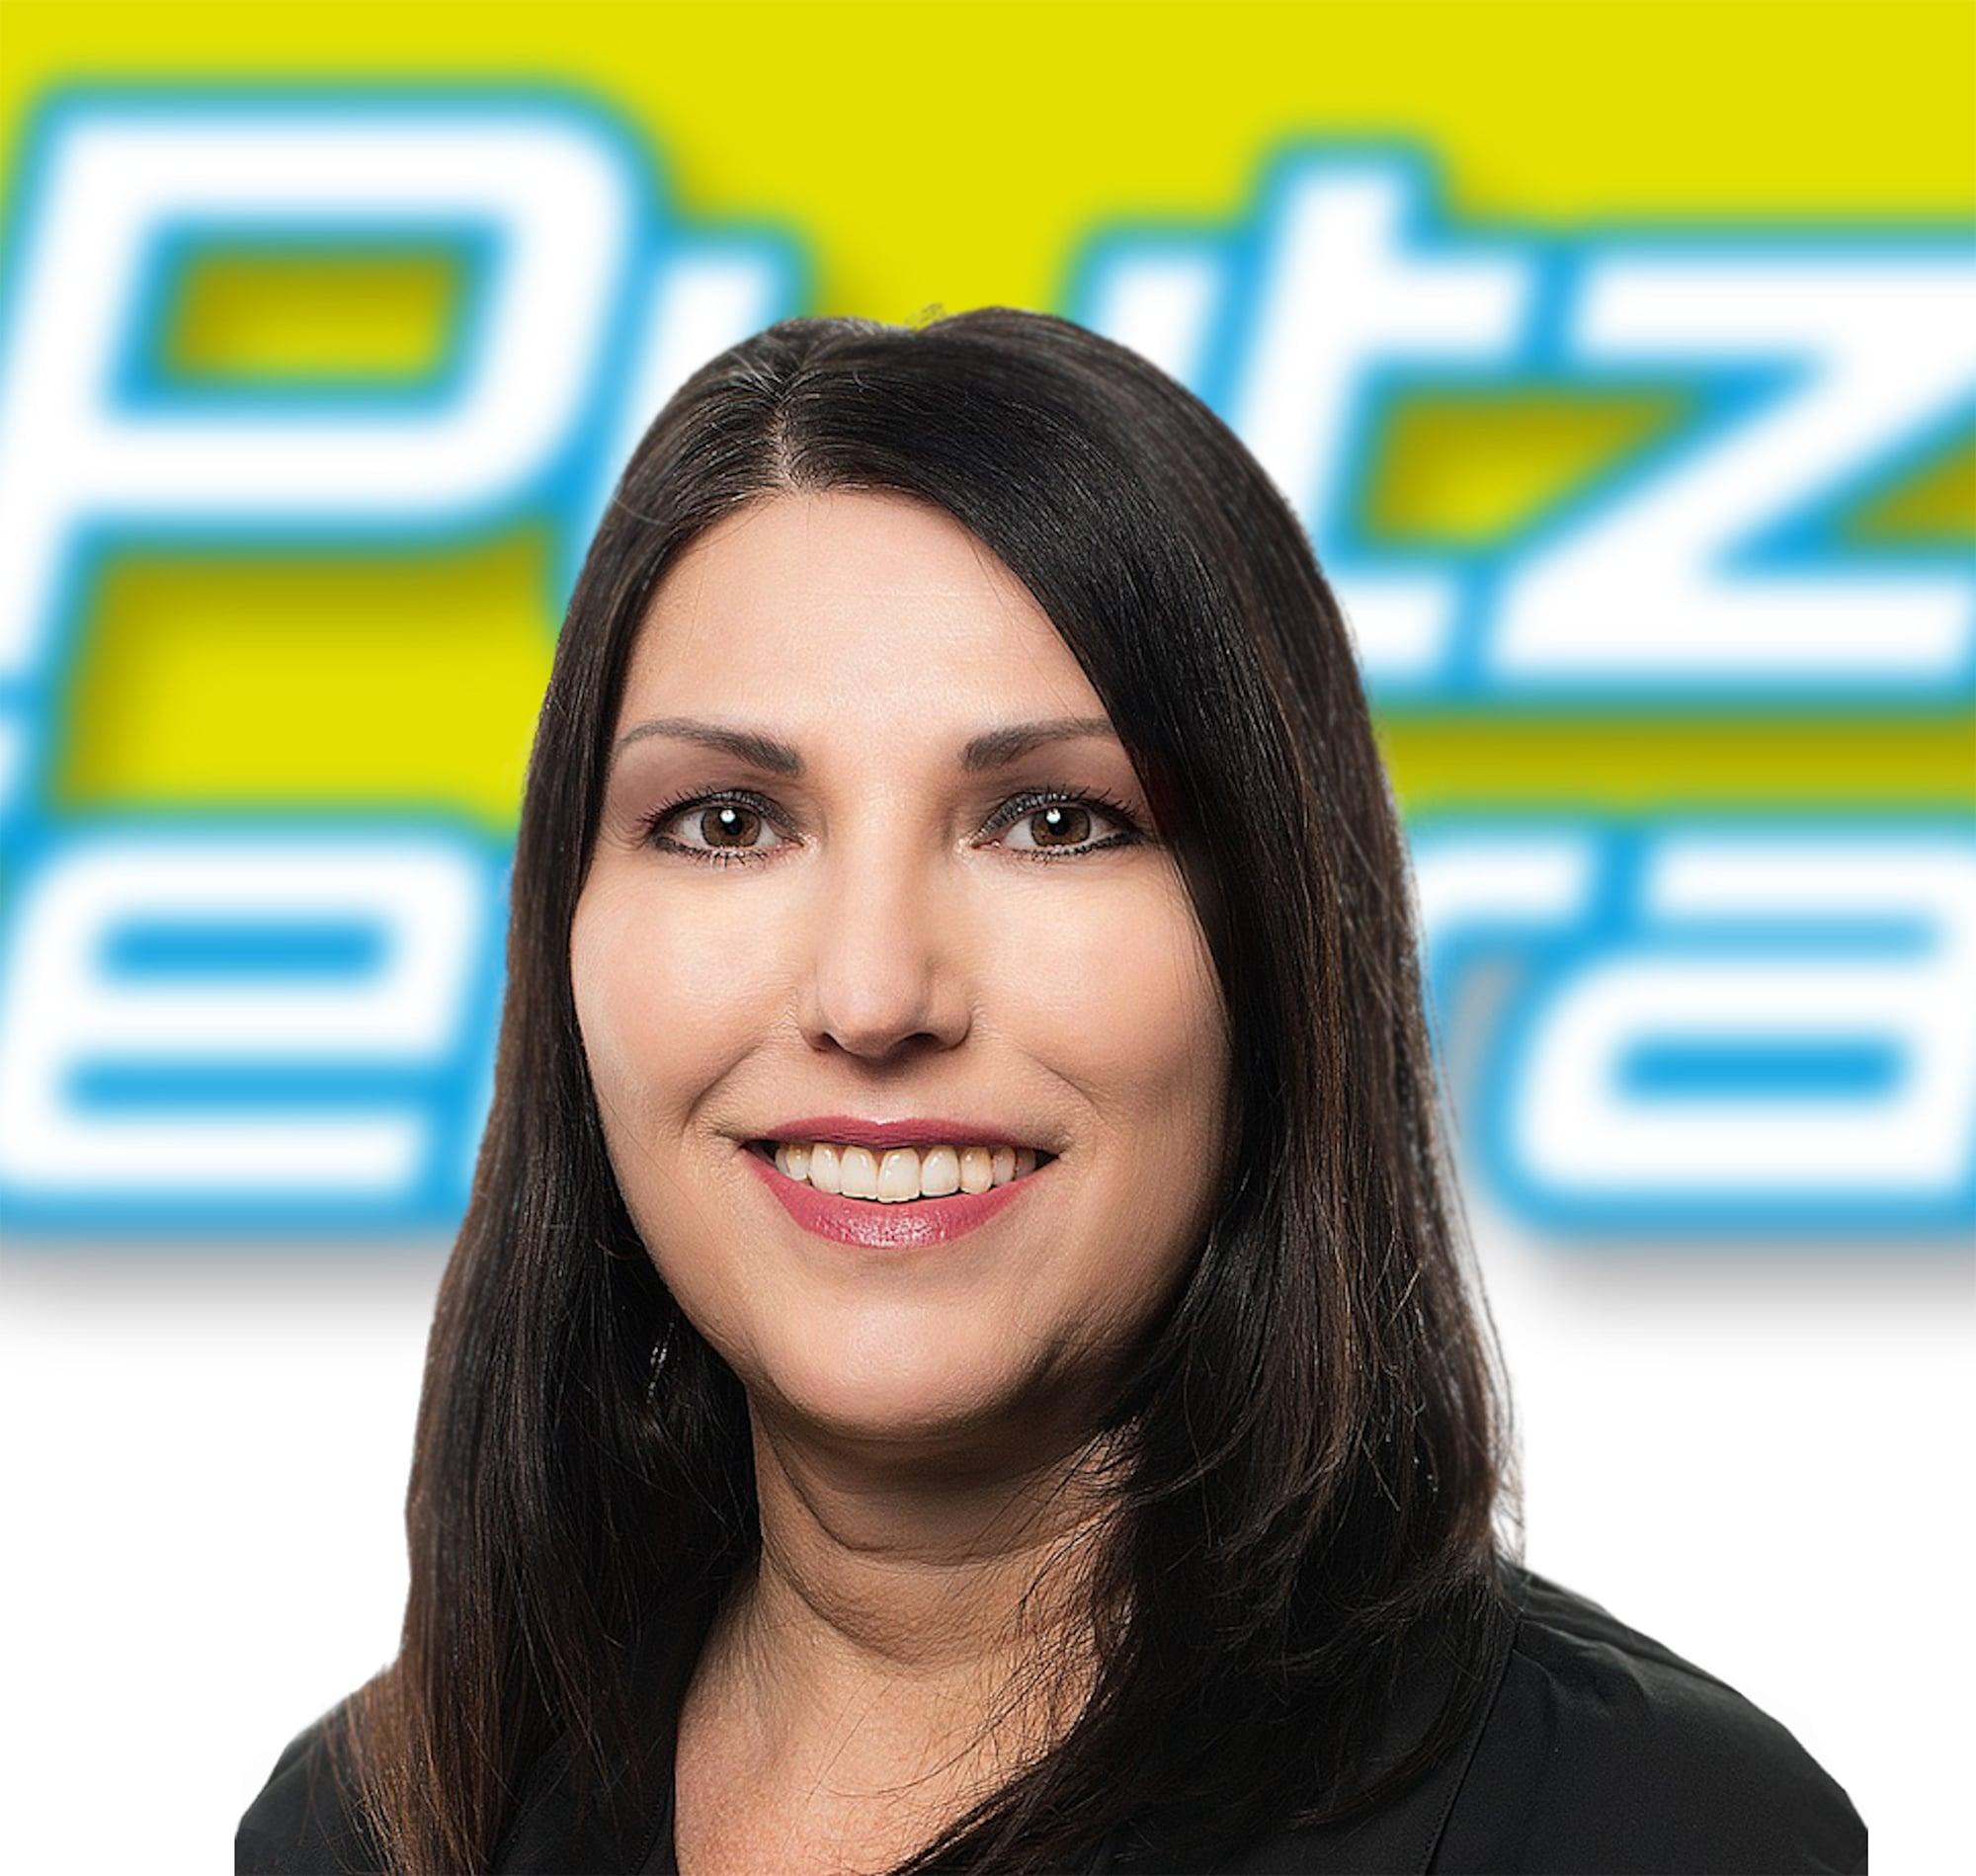 Putzzentrale | Silvia Sigrist | Team Zürich